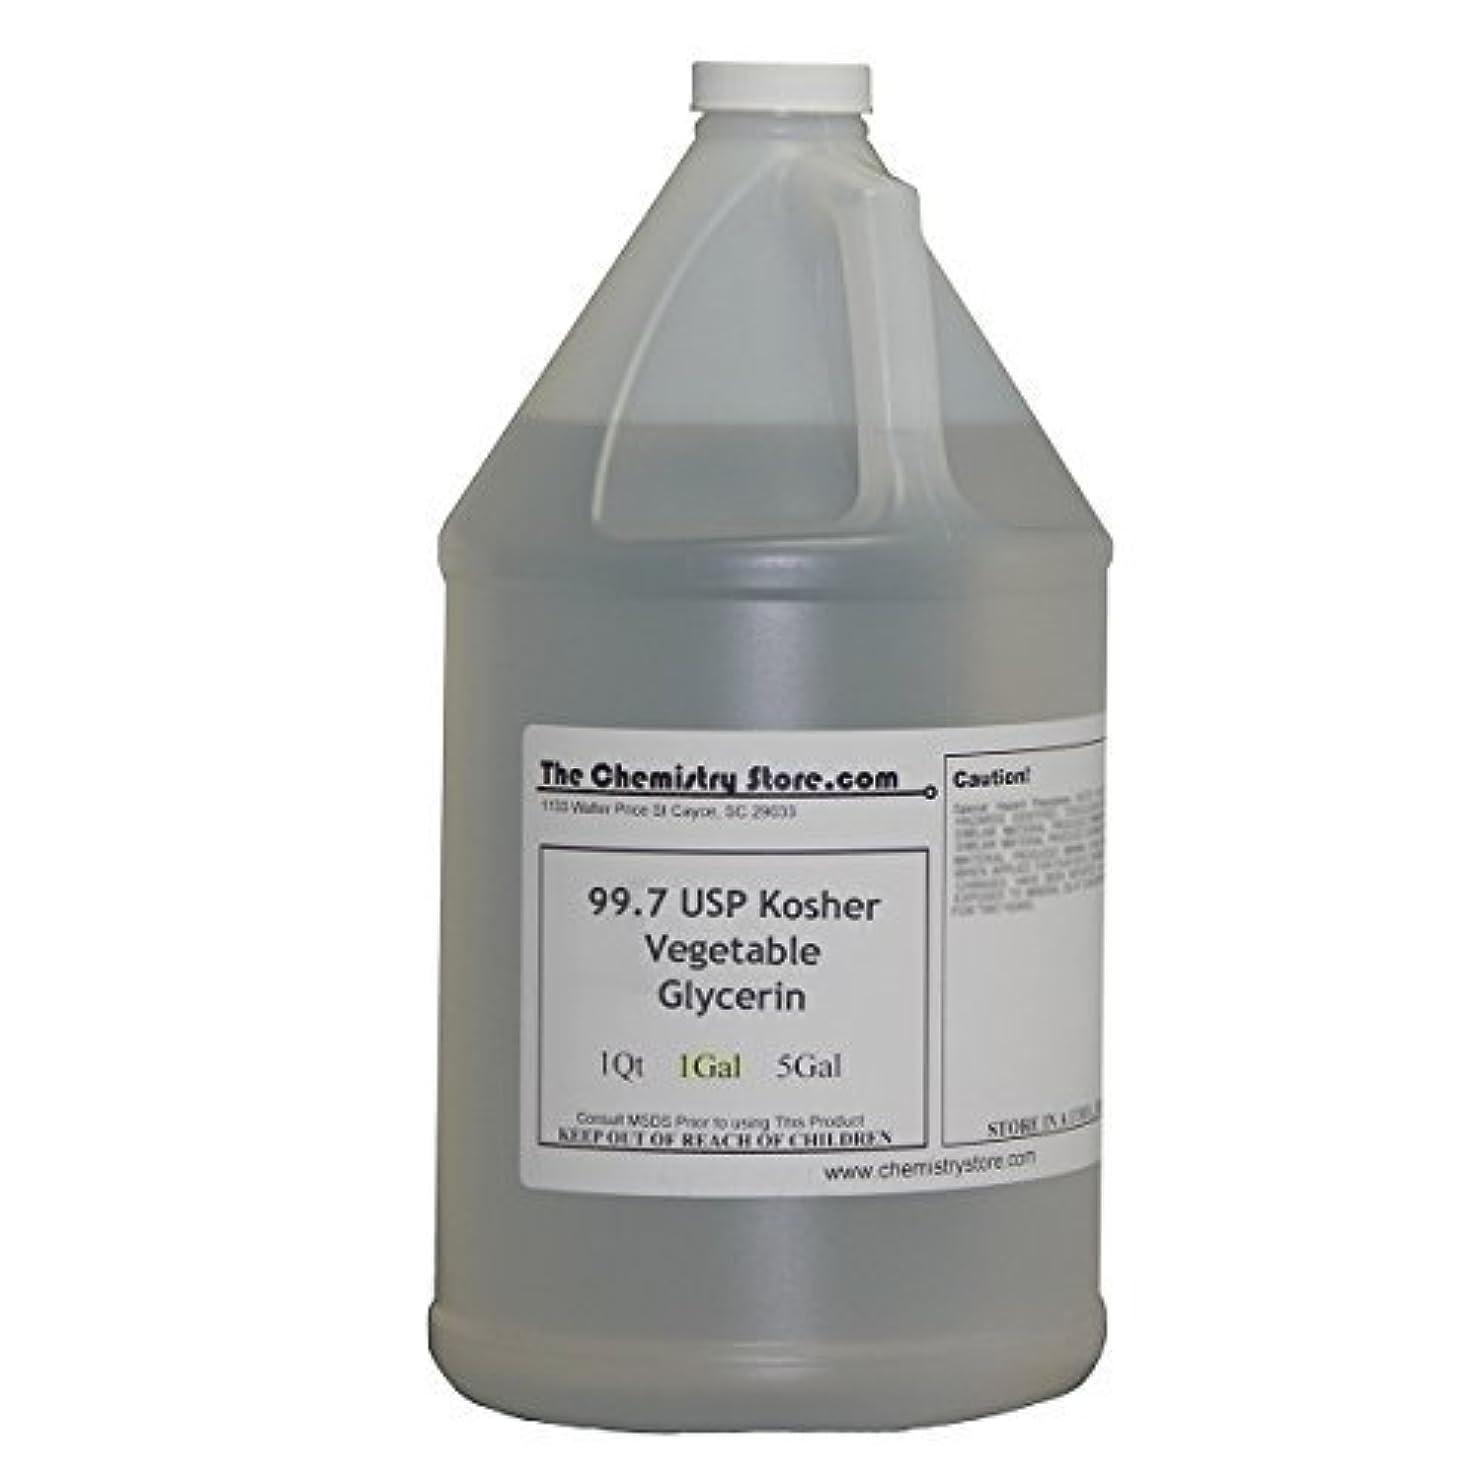 もう一度医師救出Kosher USP Food Grade 1 Gallon Vegetable Glycerin (99.7% USP) by The Chemistry Store